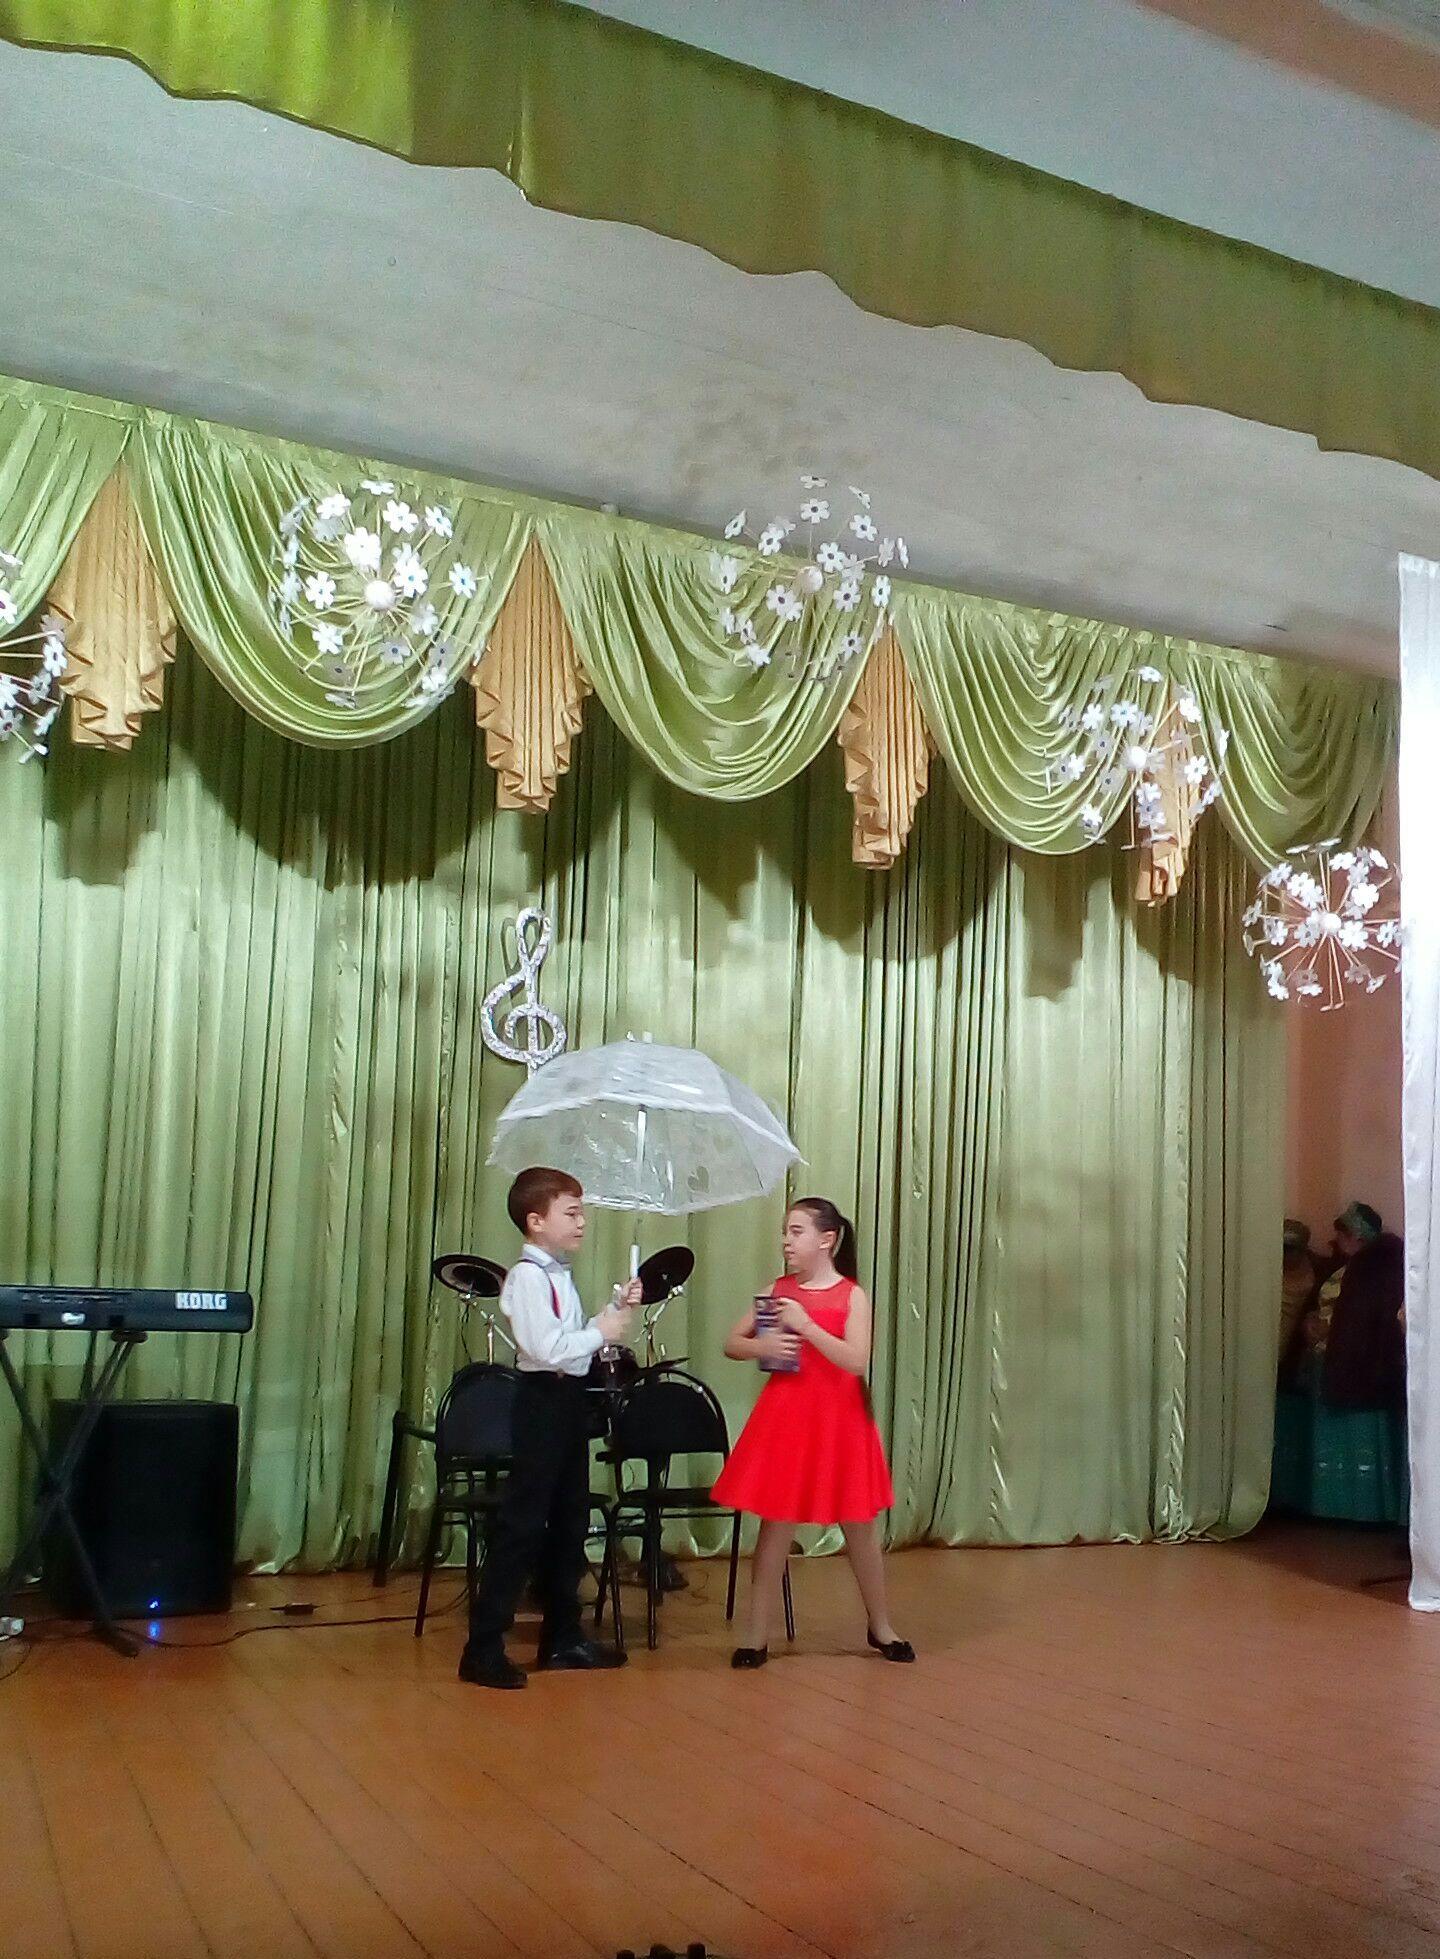 Елена Янчукова приняла участие в мероприятии «Мы все разные, но все мы вместе» в селе Первомайское